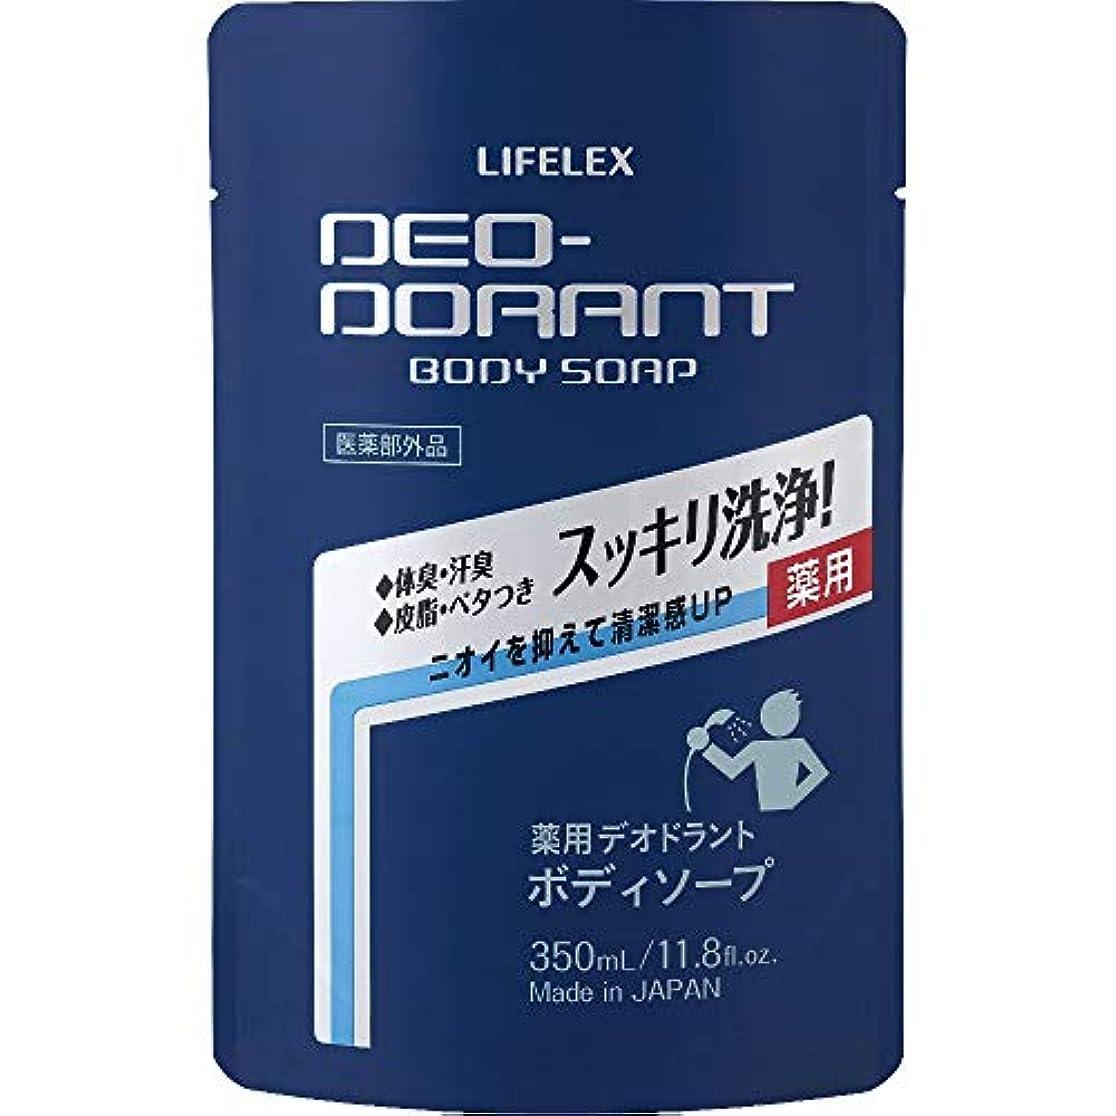 良性グラフ気取らないコーナン オリジナル LIFELEX 薬用デオドラント ボディソープ詰替 350ml